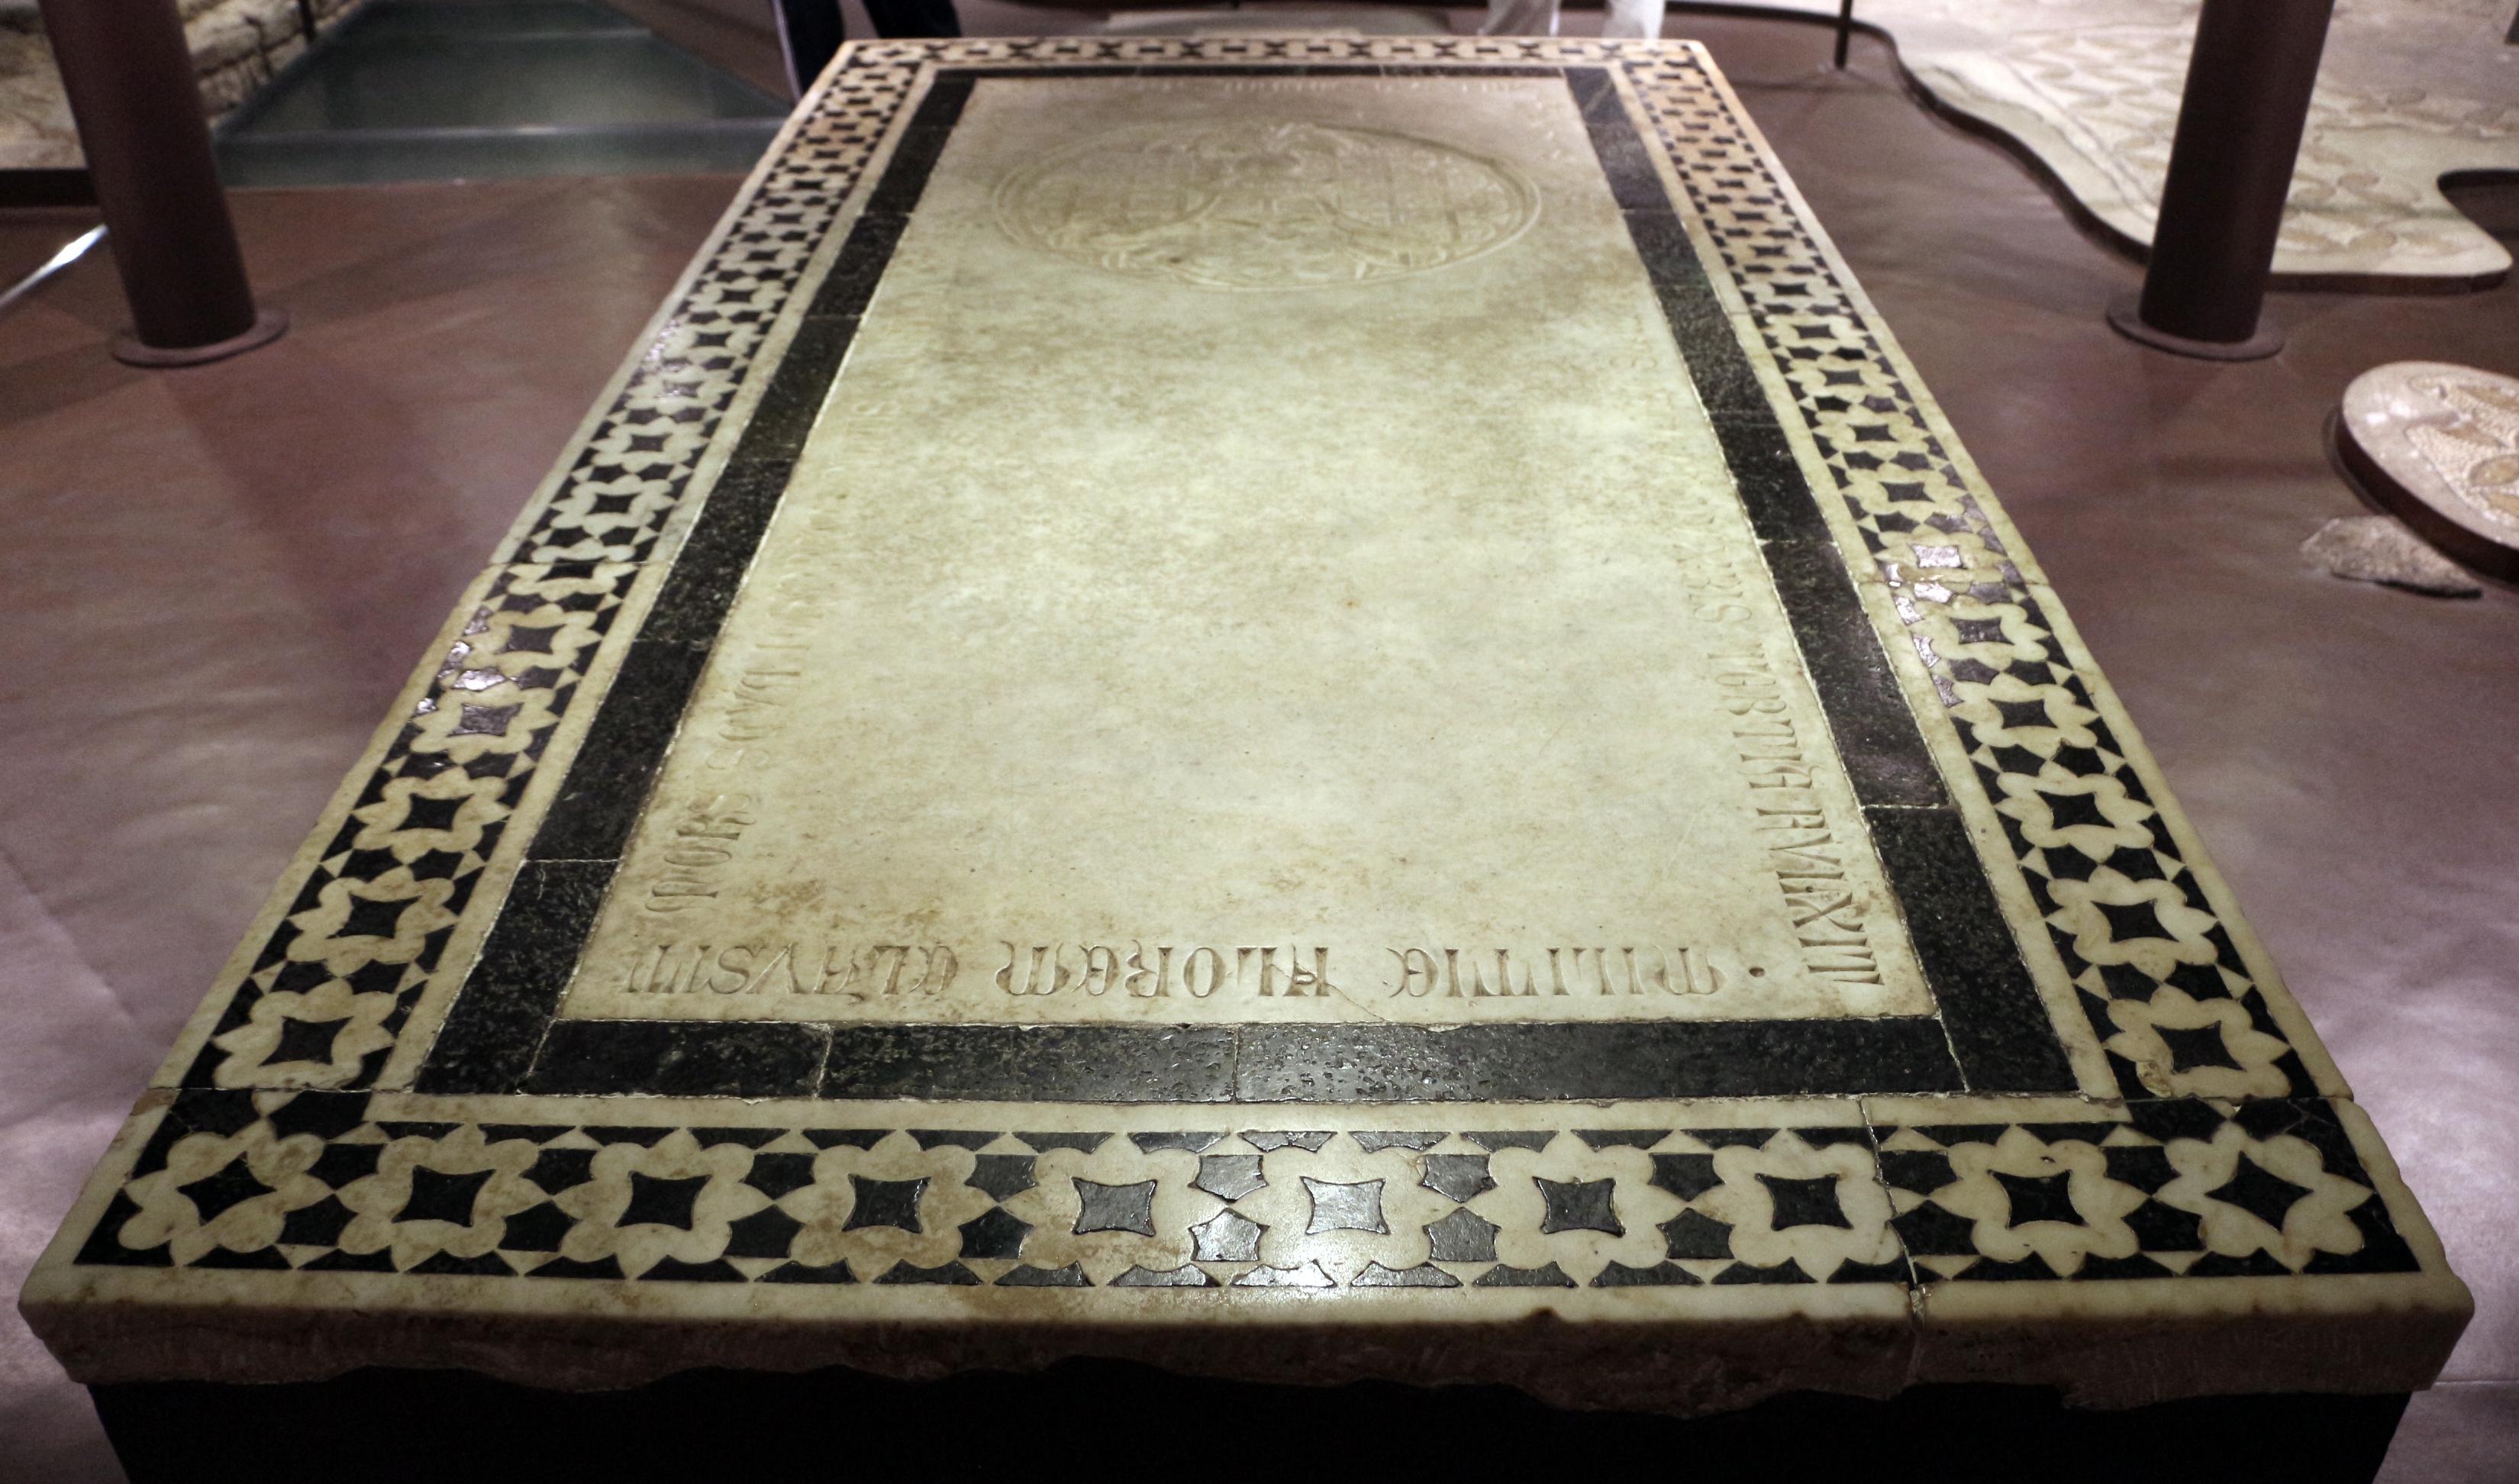 File:Scavi di santa reparata sotto il duomo di firenze, lastra tombale di  giovanni